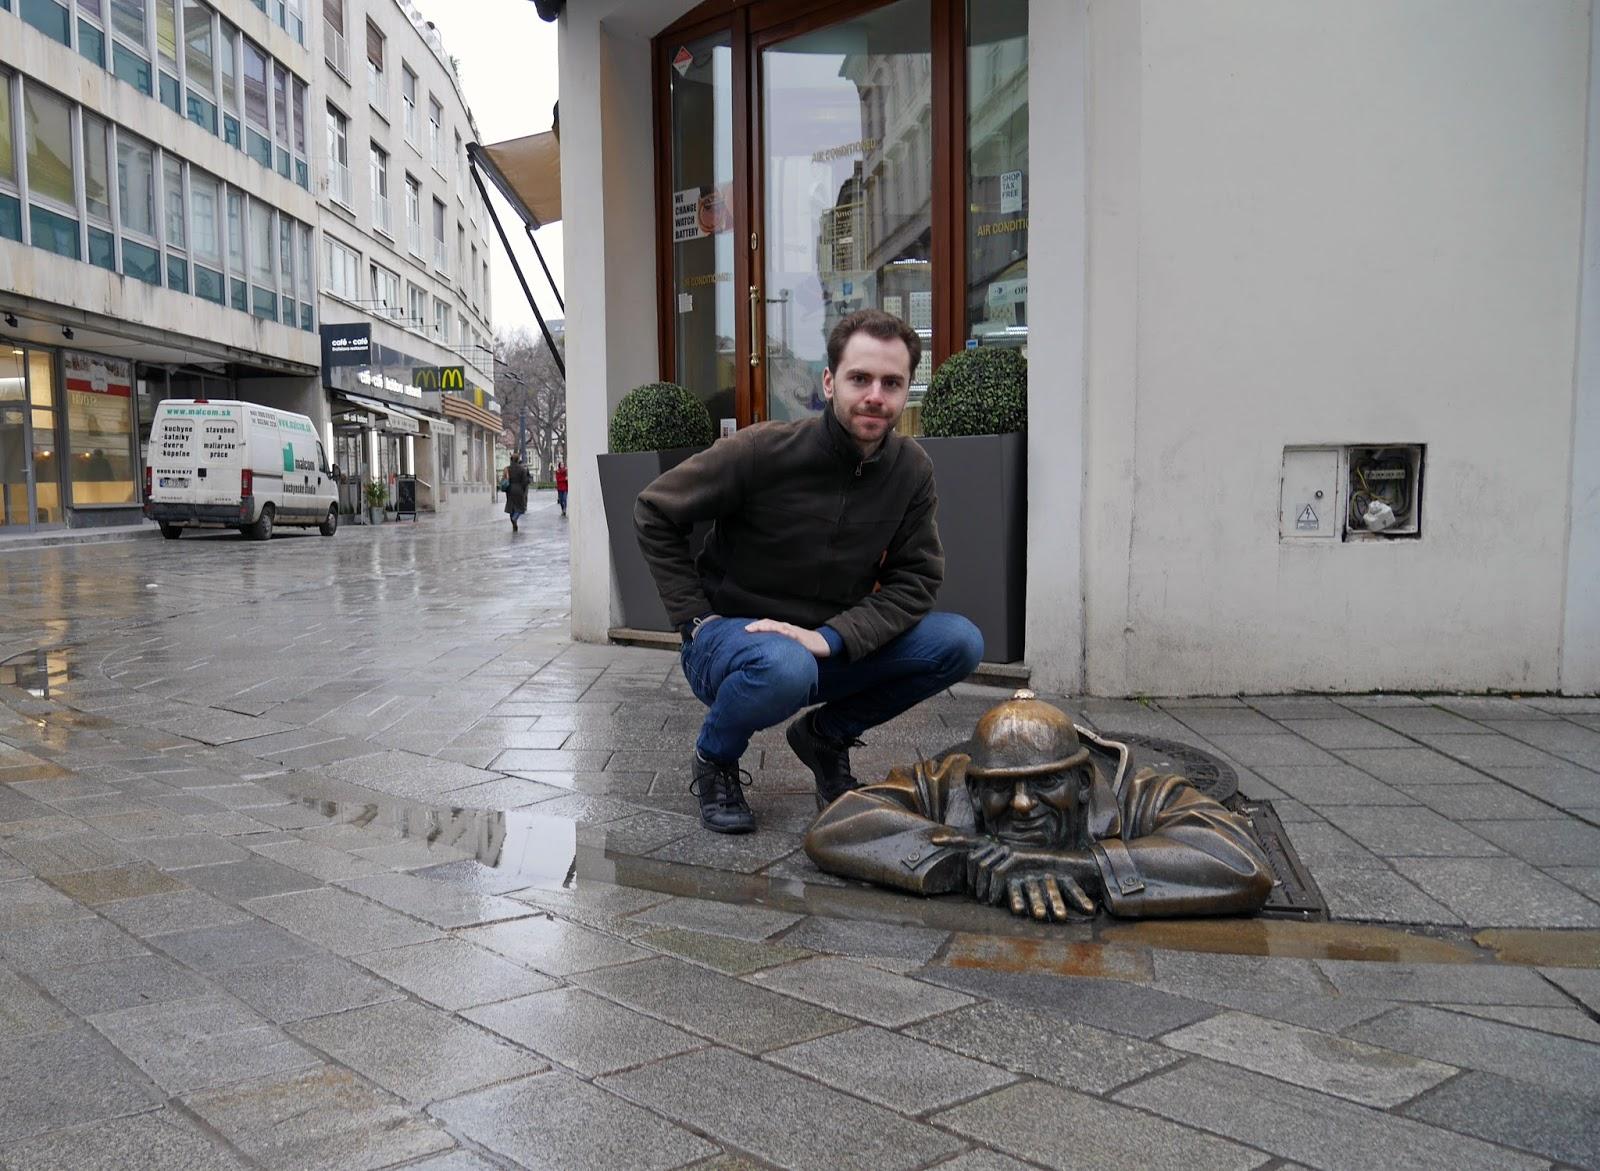 Comical statues in Bratislava